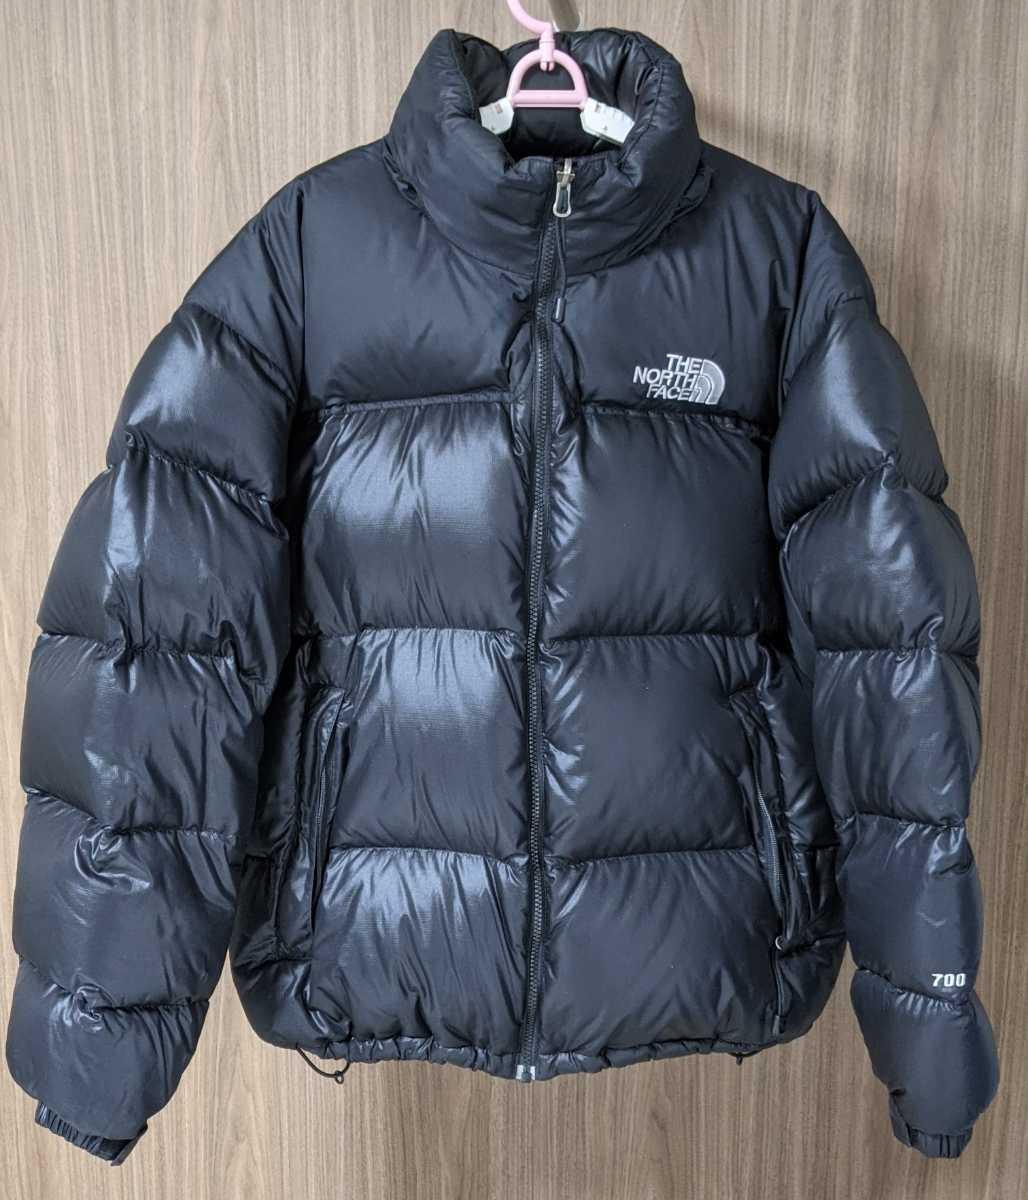 【THE NORTH FACE/ノースフェイス】90sヌプシダウンジャケット 700フィル /Nuptse Jacket ND01001 メンズ XLサイズ